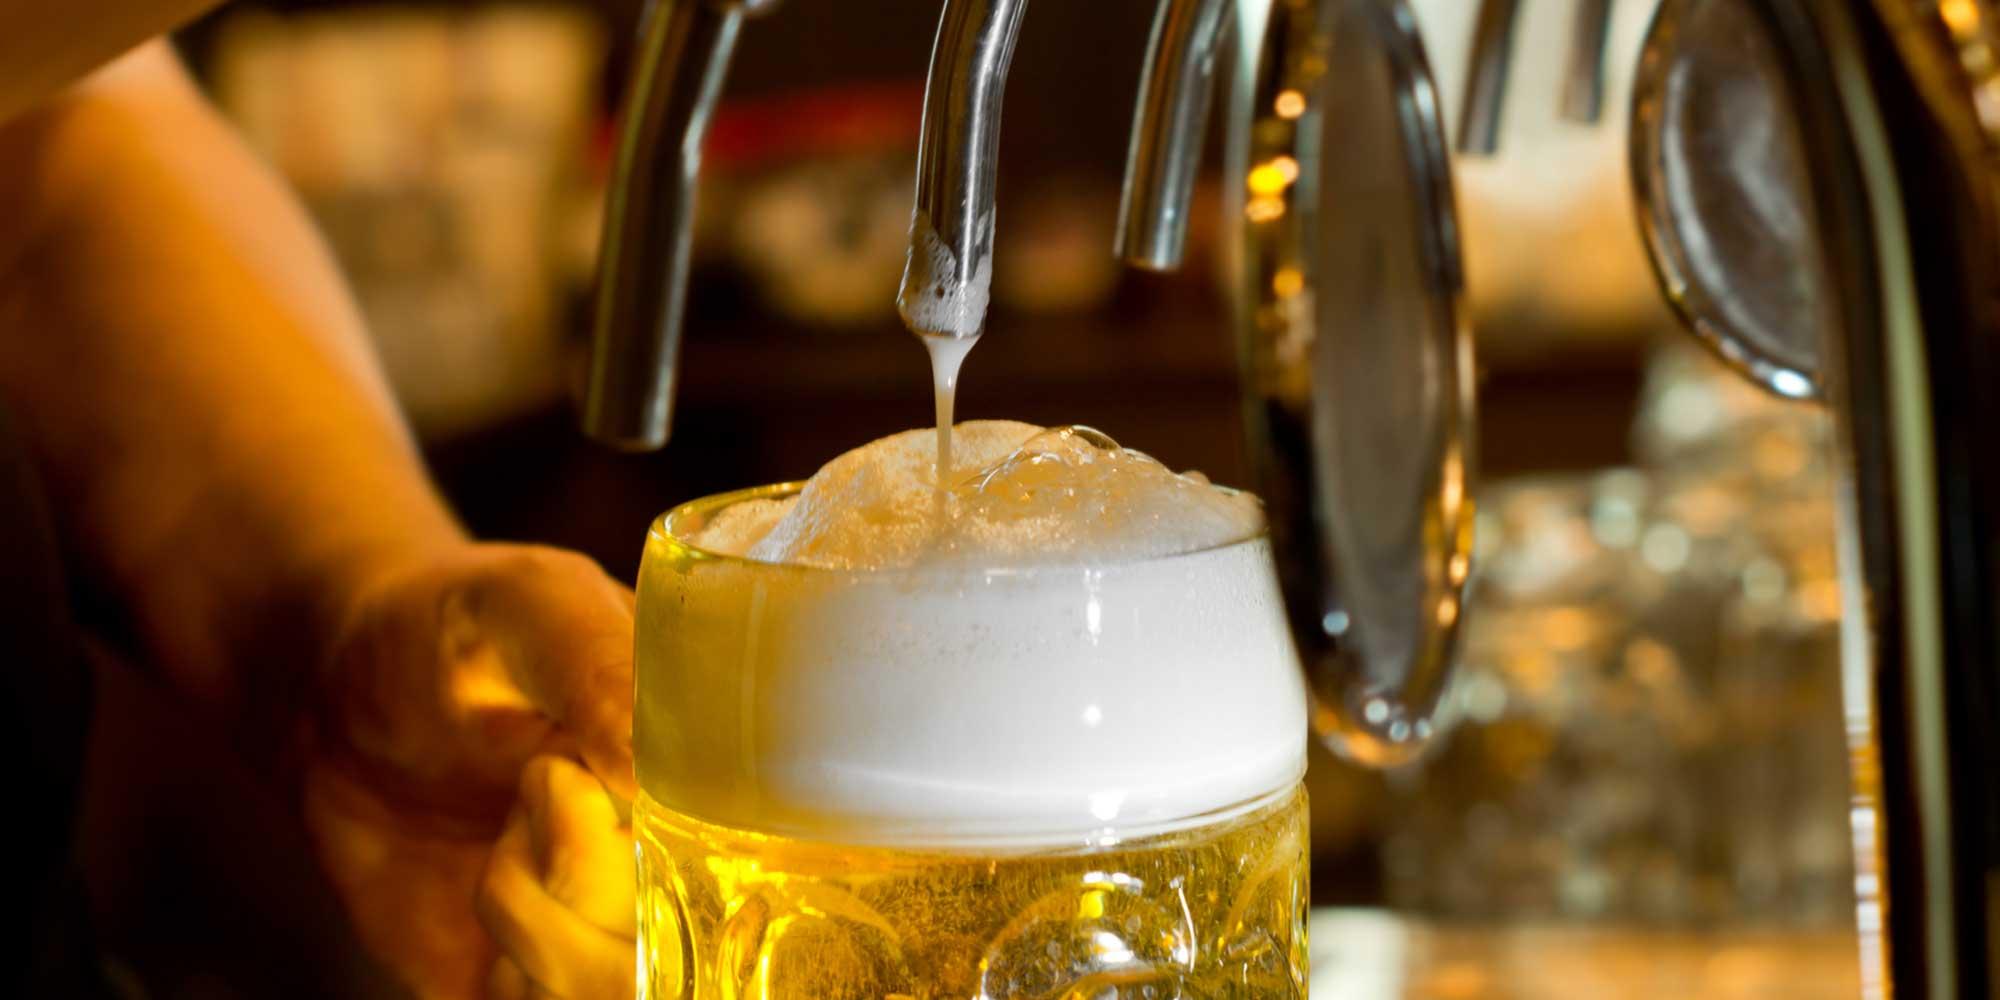 La birra sta sgorgando dalla macchina nel bicchiere da birra a Messina